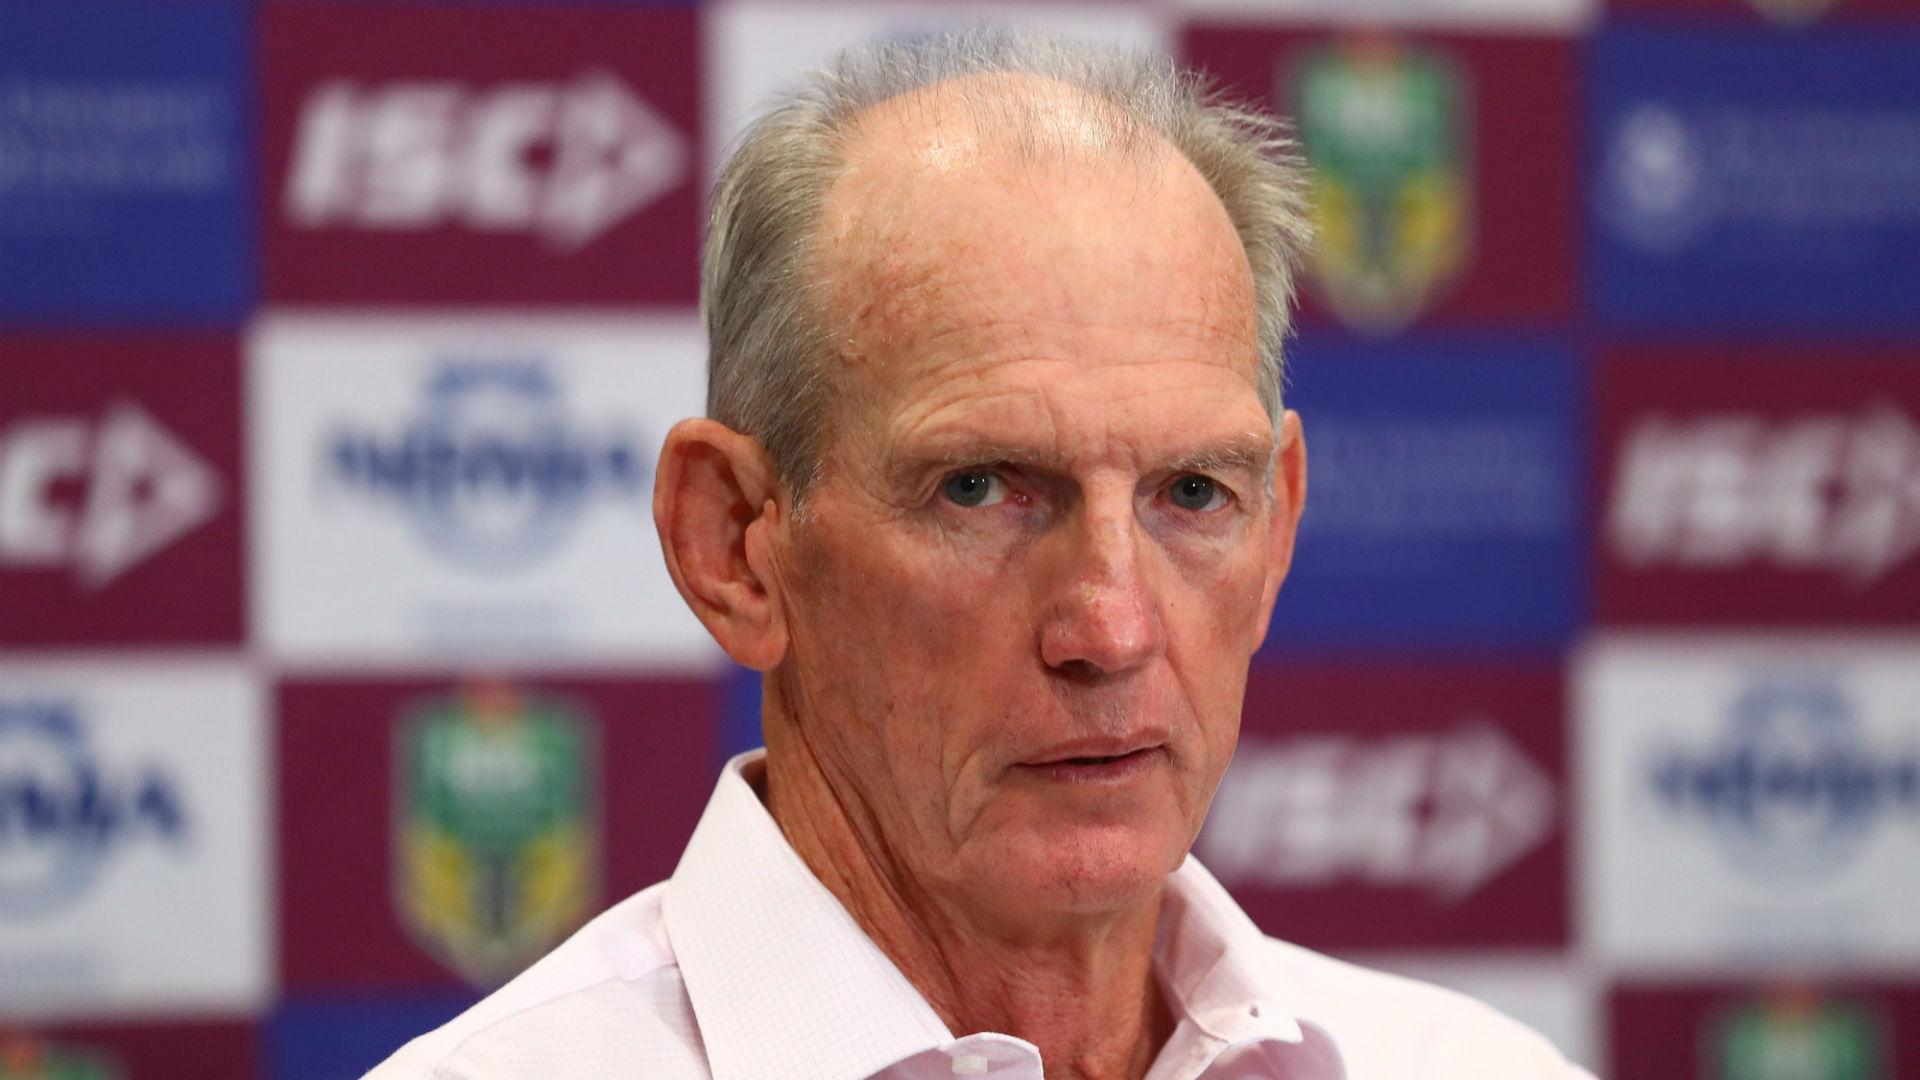 Bennett to join Rabbitohs for 2020 NRL season